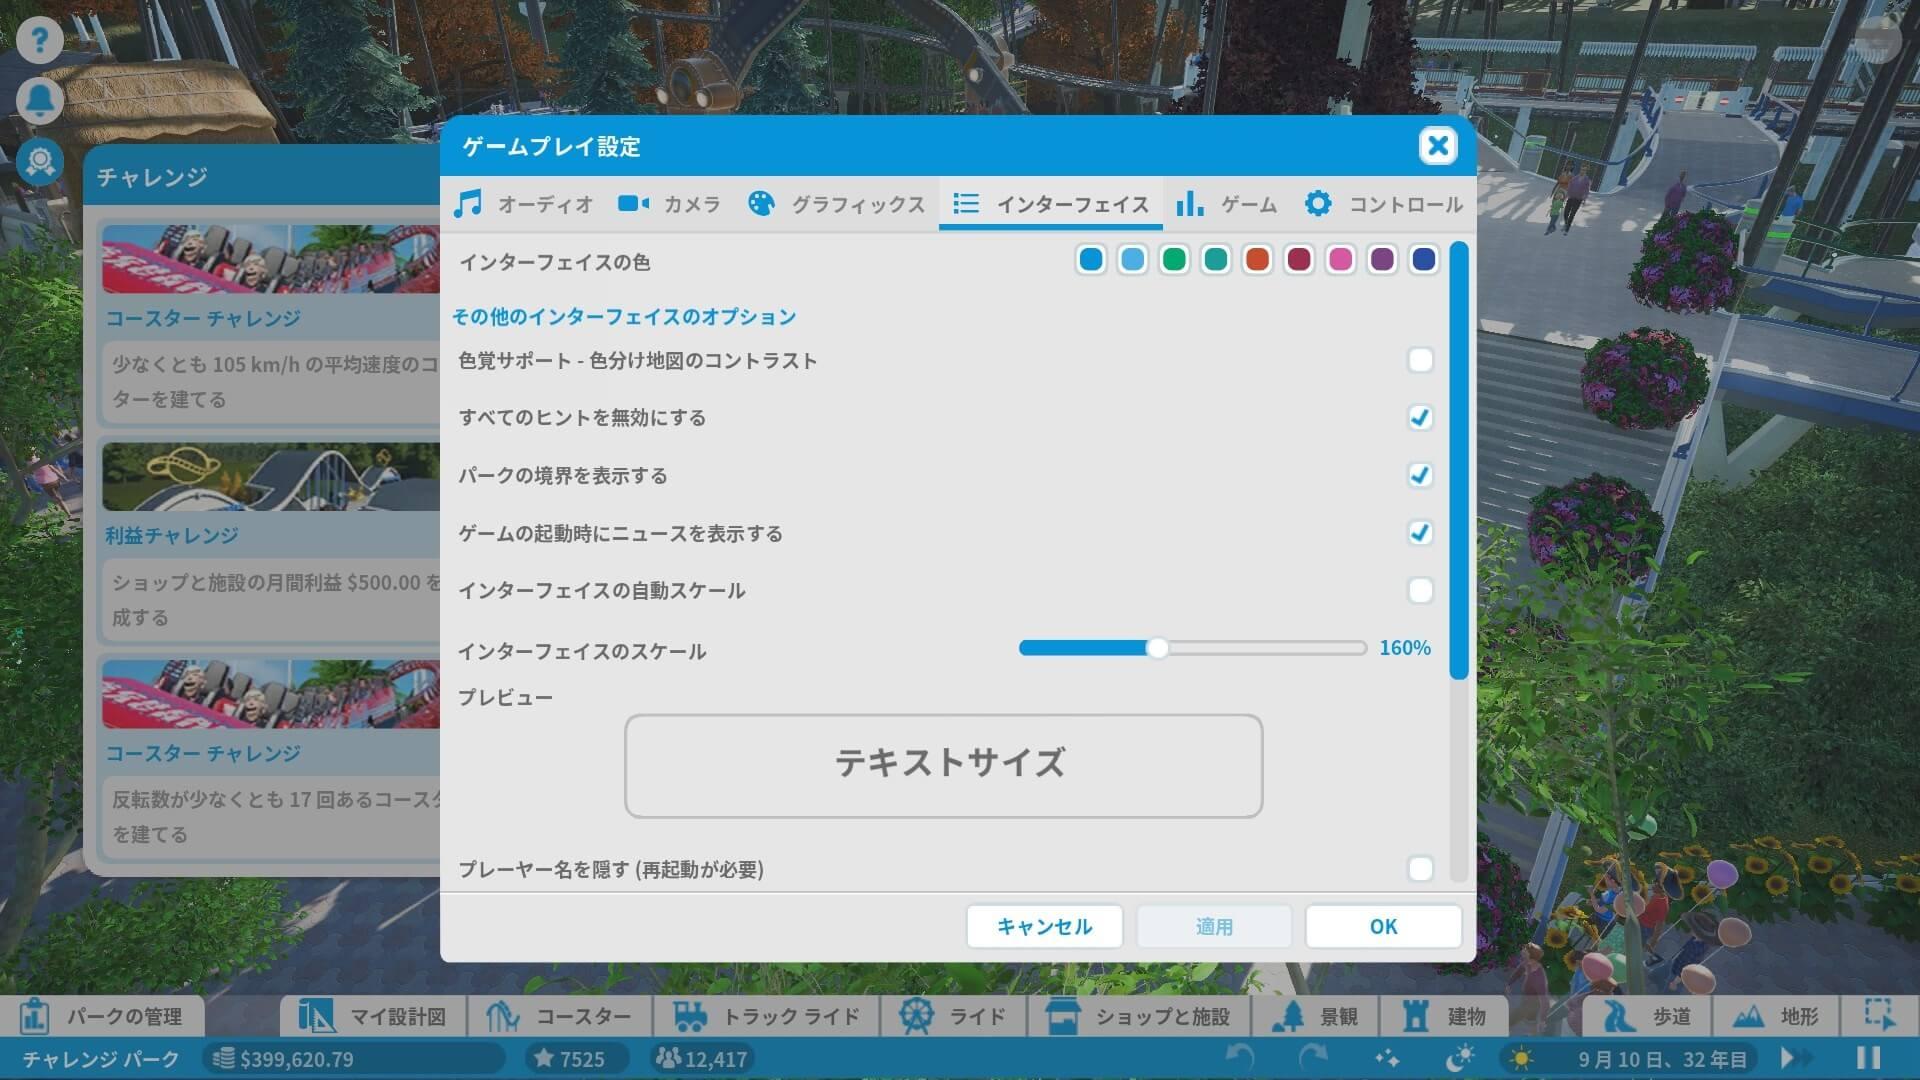 ゲーミングPCのディスプレイ解像度設定画面